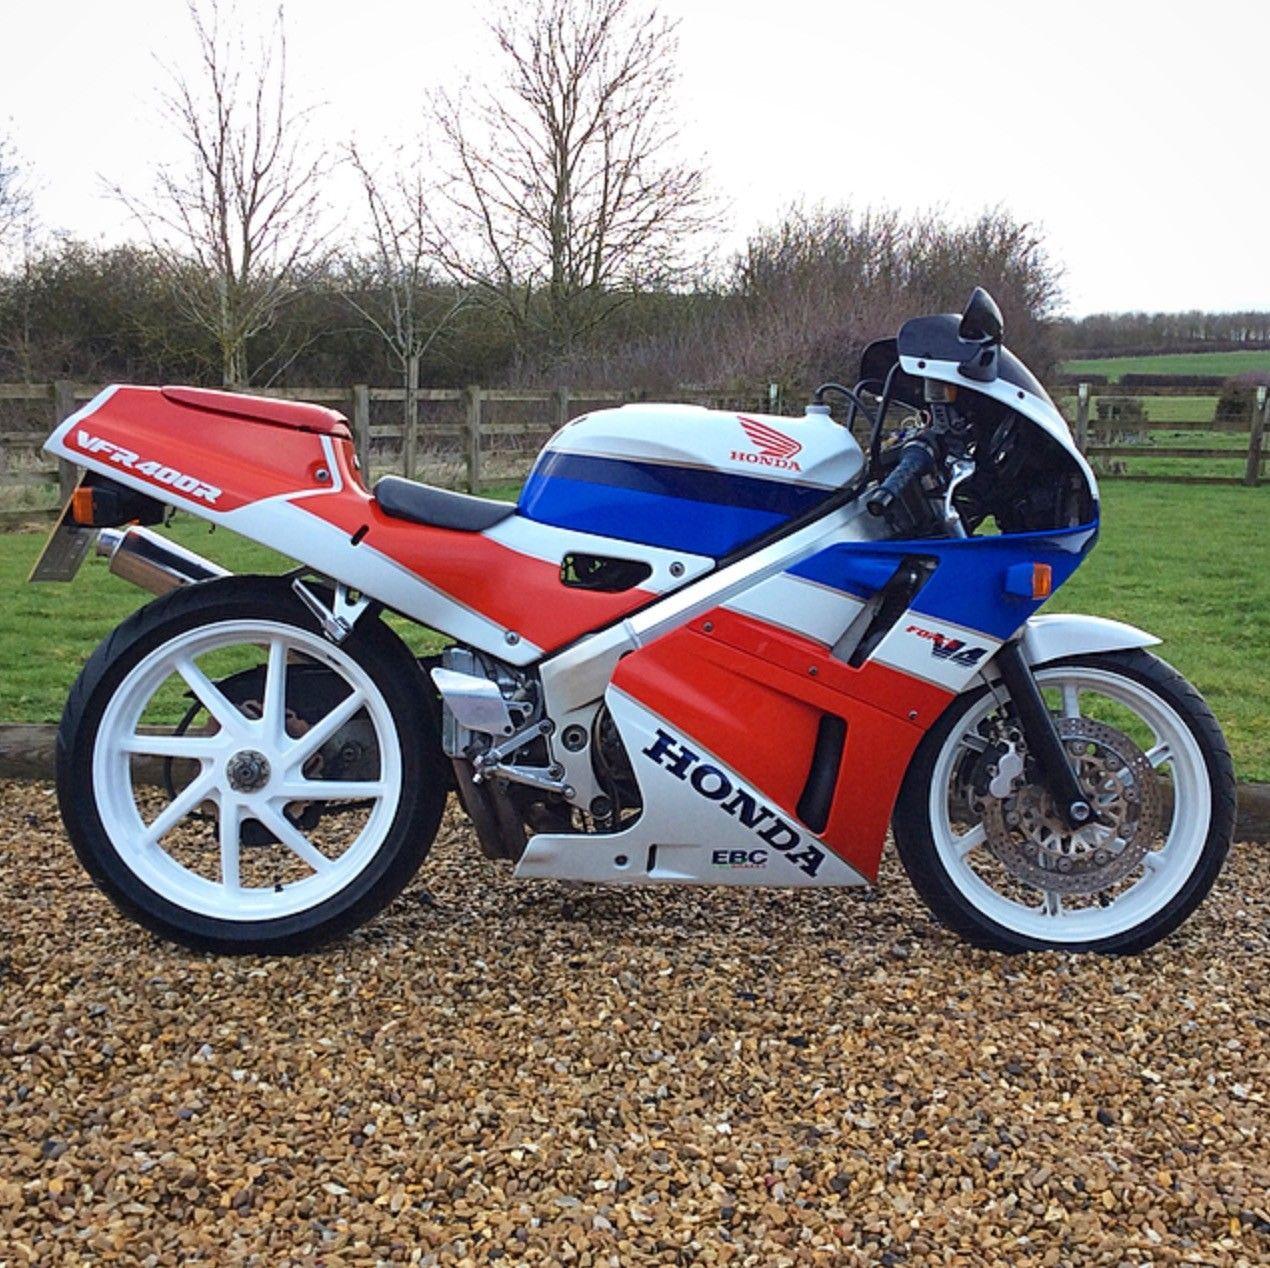 Ebay Vintage Honda Vfr400 Nc30 1988 Classic Motorbike Retro